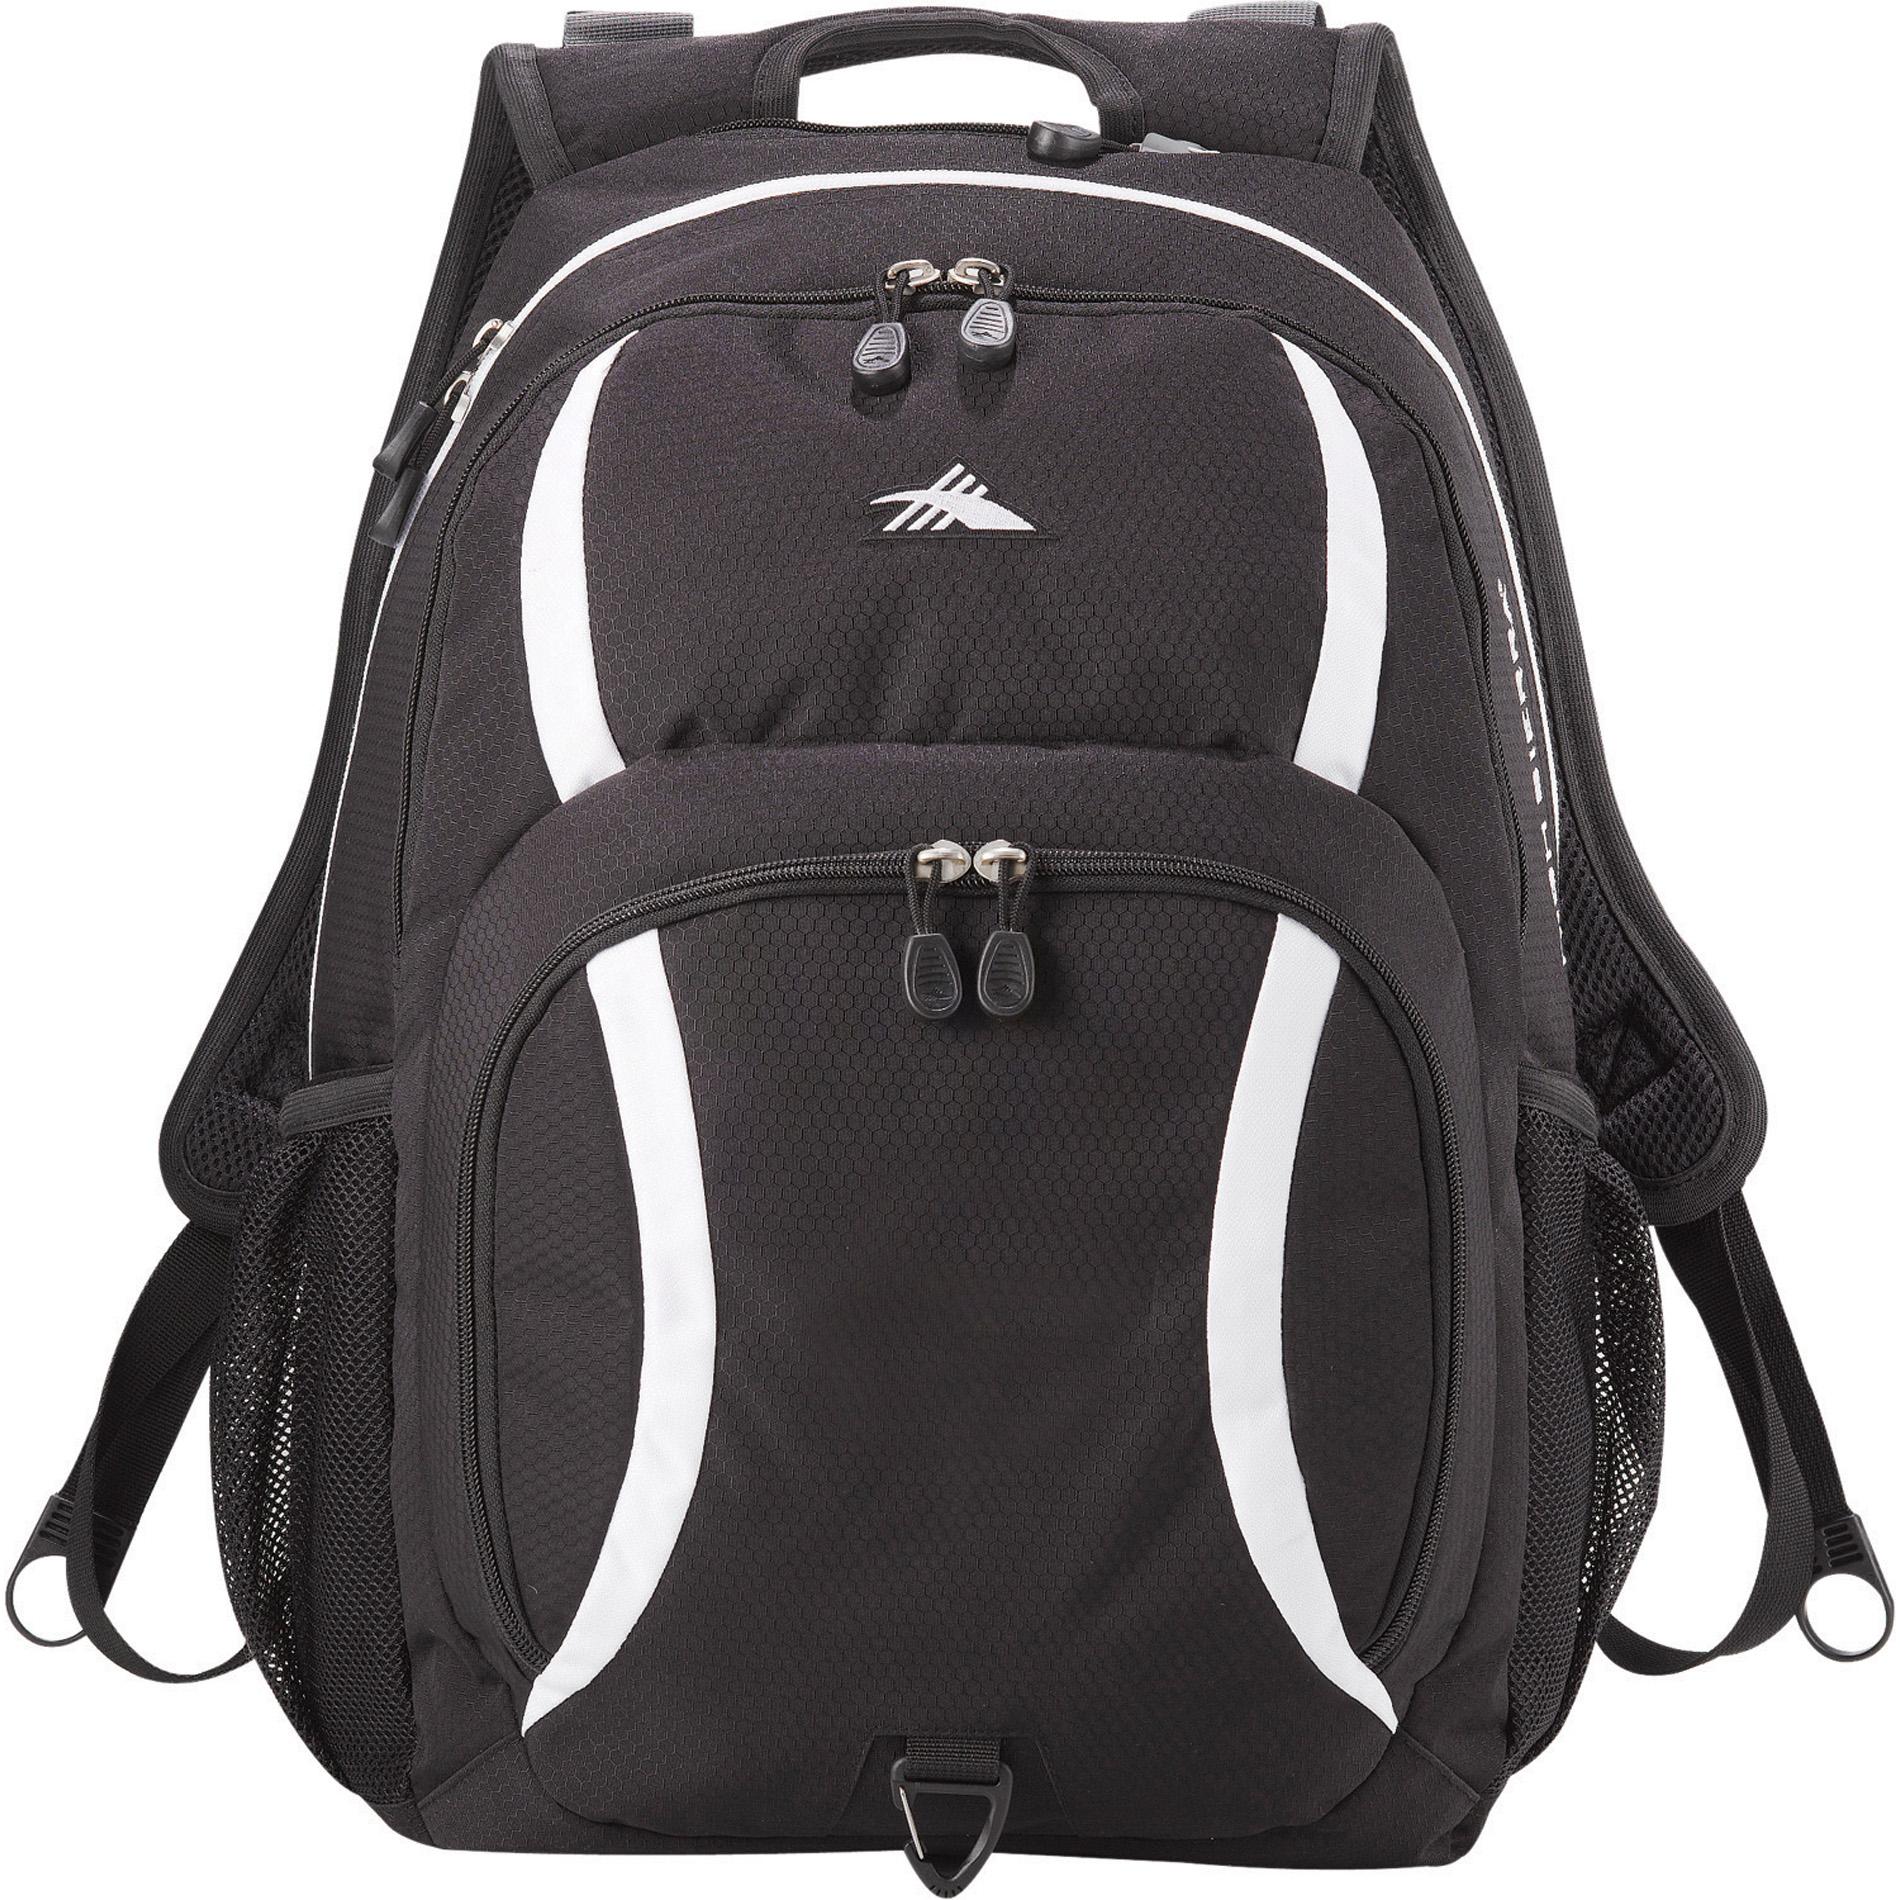 High Sierra 8051-13 - Garrett 17 Computer Backpack